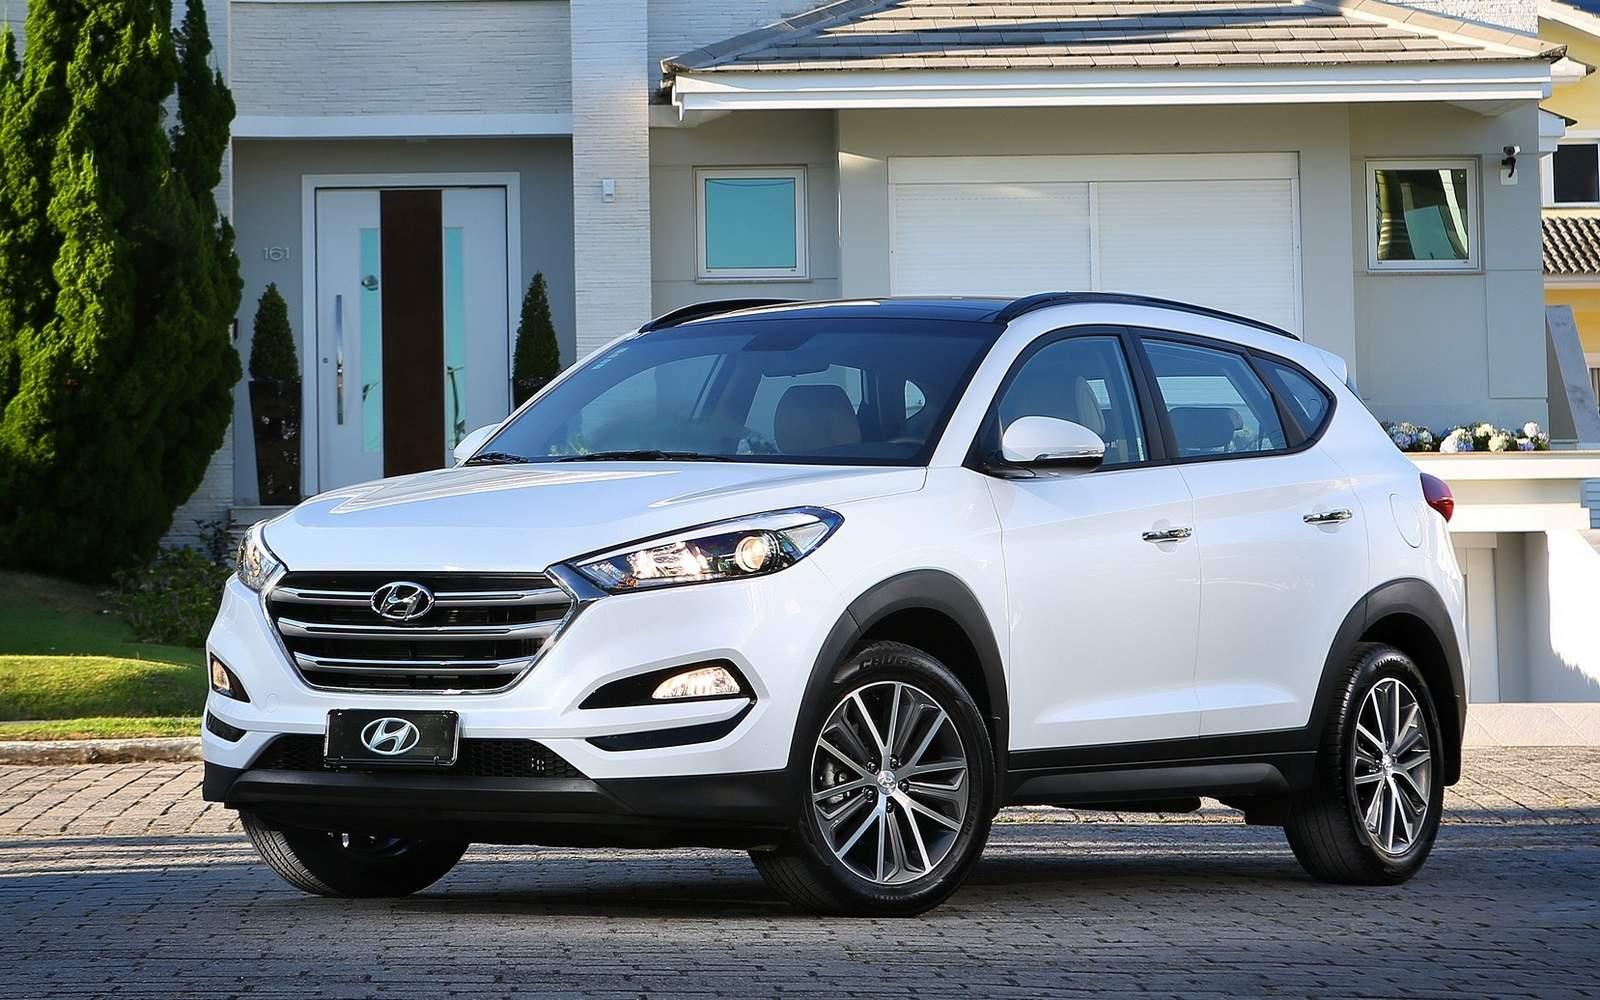 Bmw X2 2017 Aaa >> Hyundai apresenta a linha 2018 do New Tucson, que ganha nova versão topo de linha por R$138.900